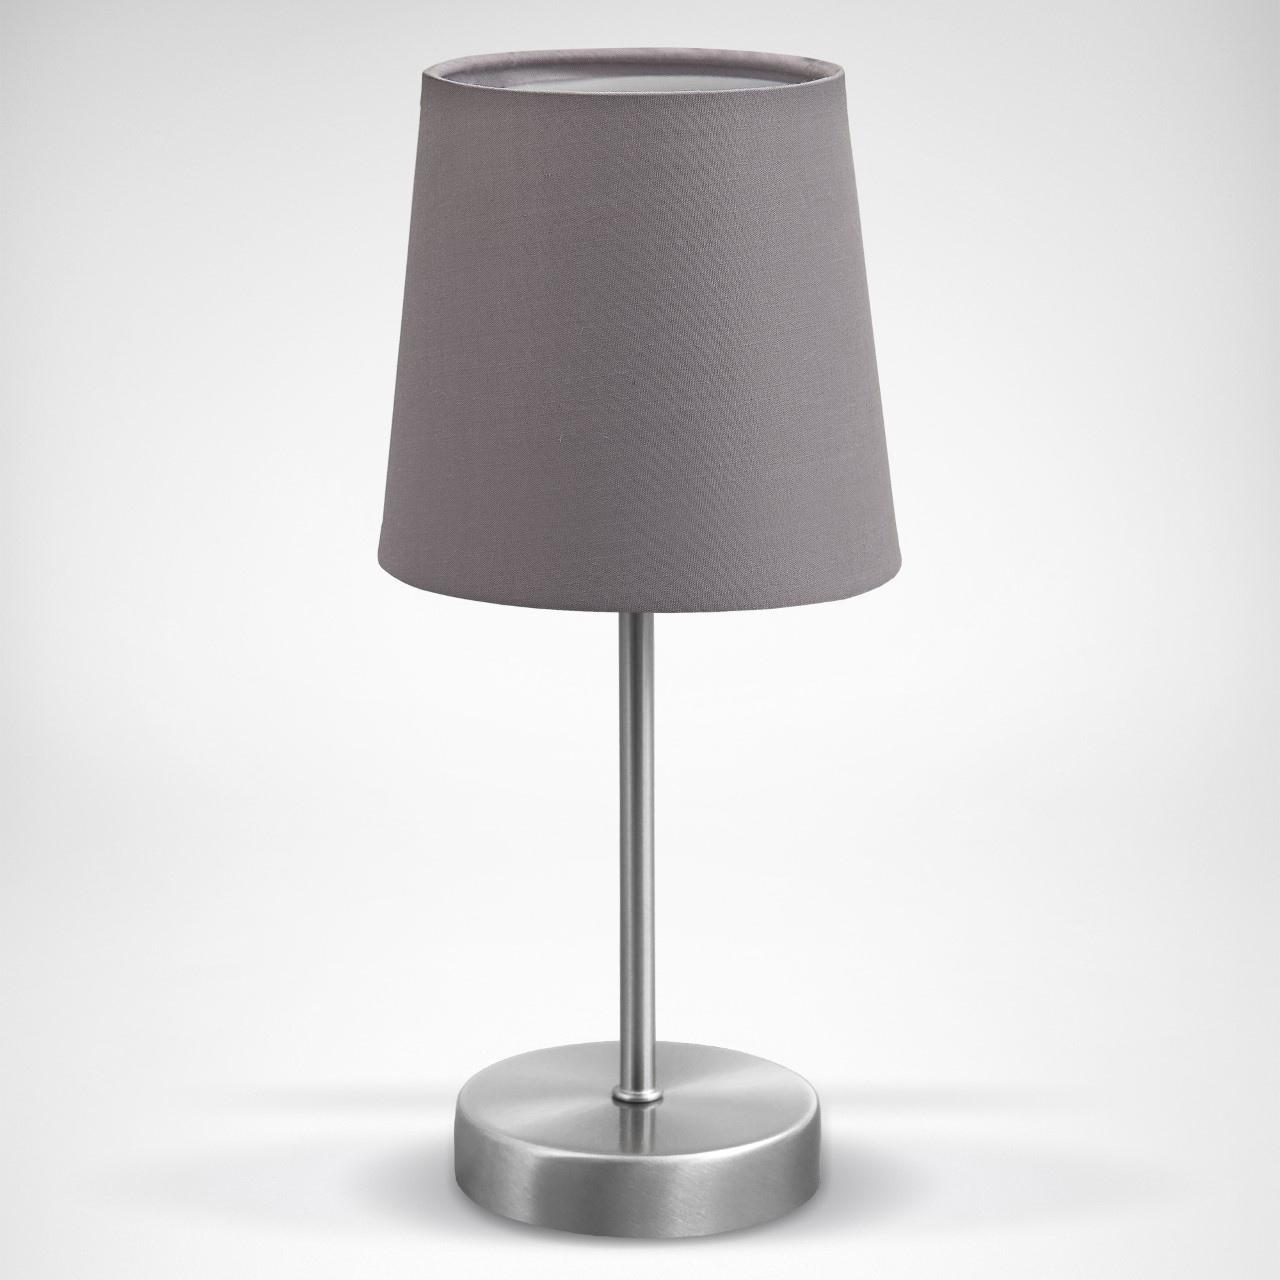 B.K.Licht Tischleuchte, E14, LED Tischlampe Stoff Dekolampe Nachttisch-Leuchte Wohnzimmerlampen E14 grau